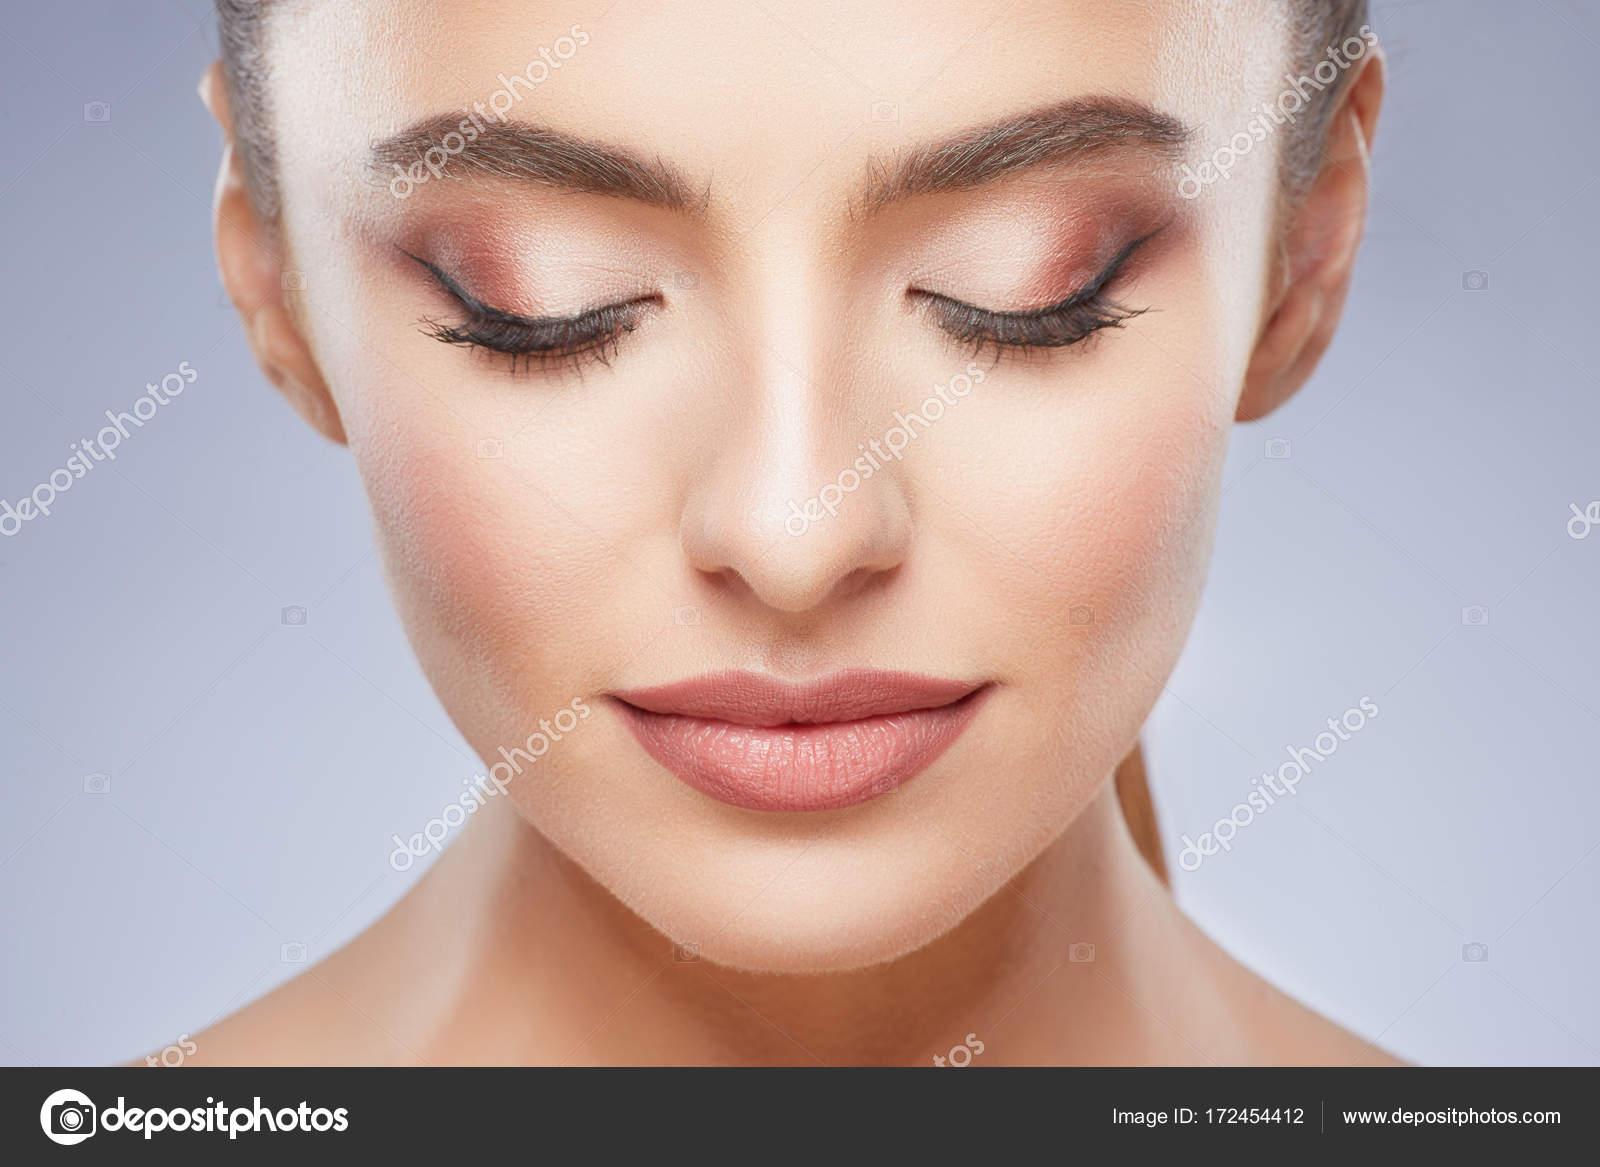 Chica con el maquillaje nude — Foto de stock © elenazhogol